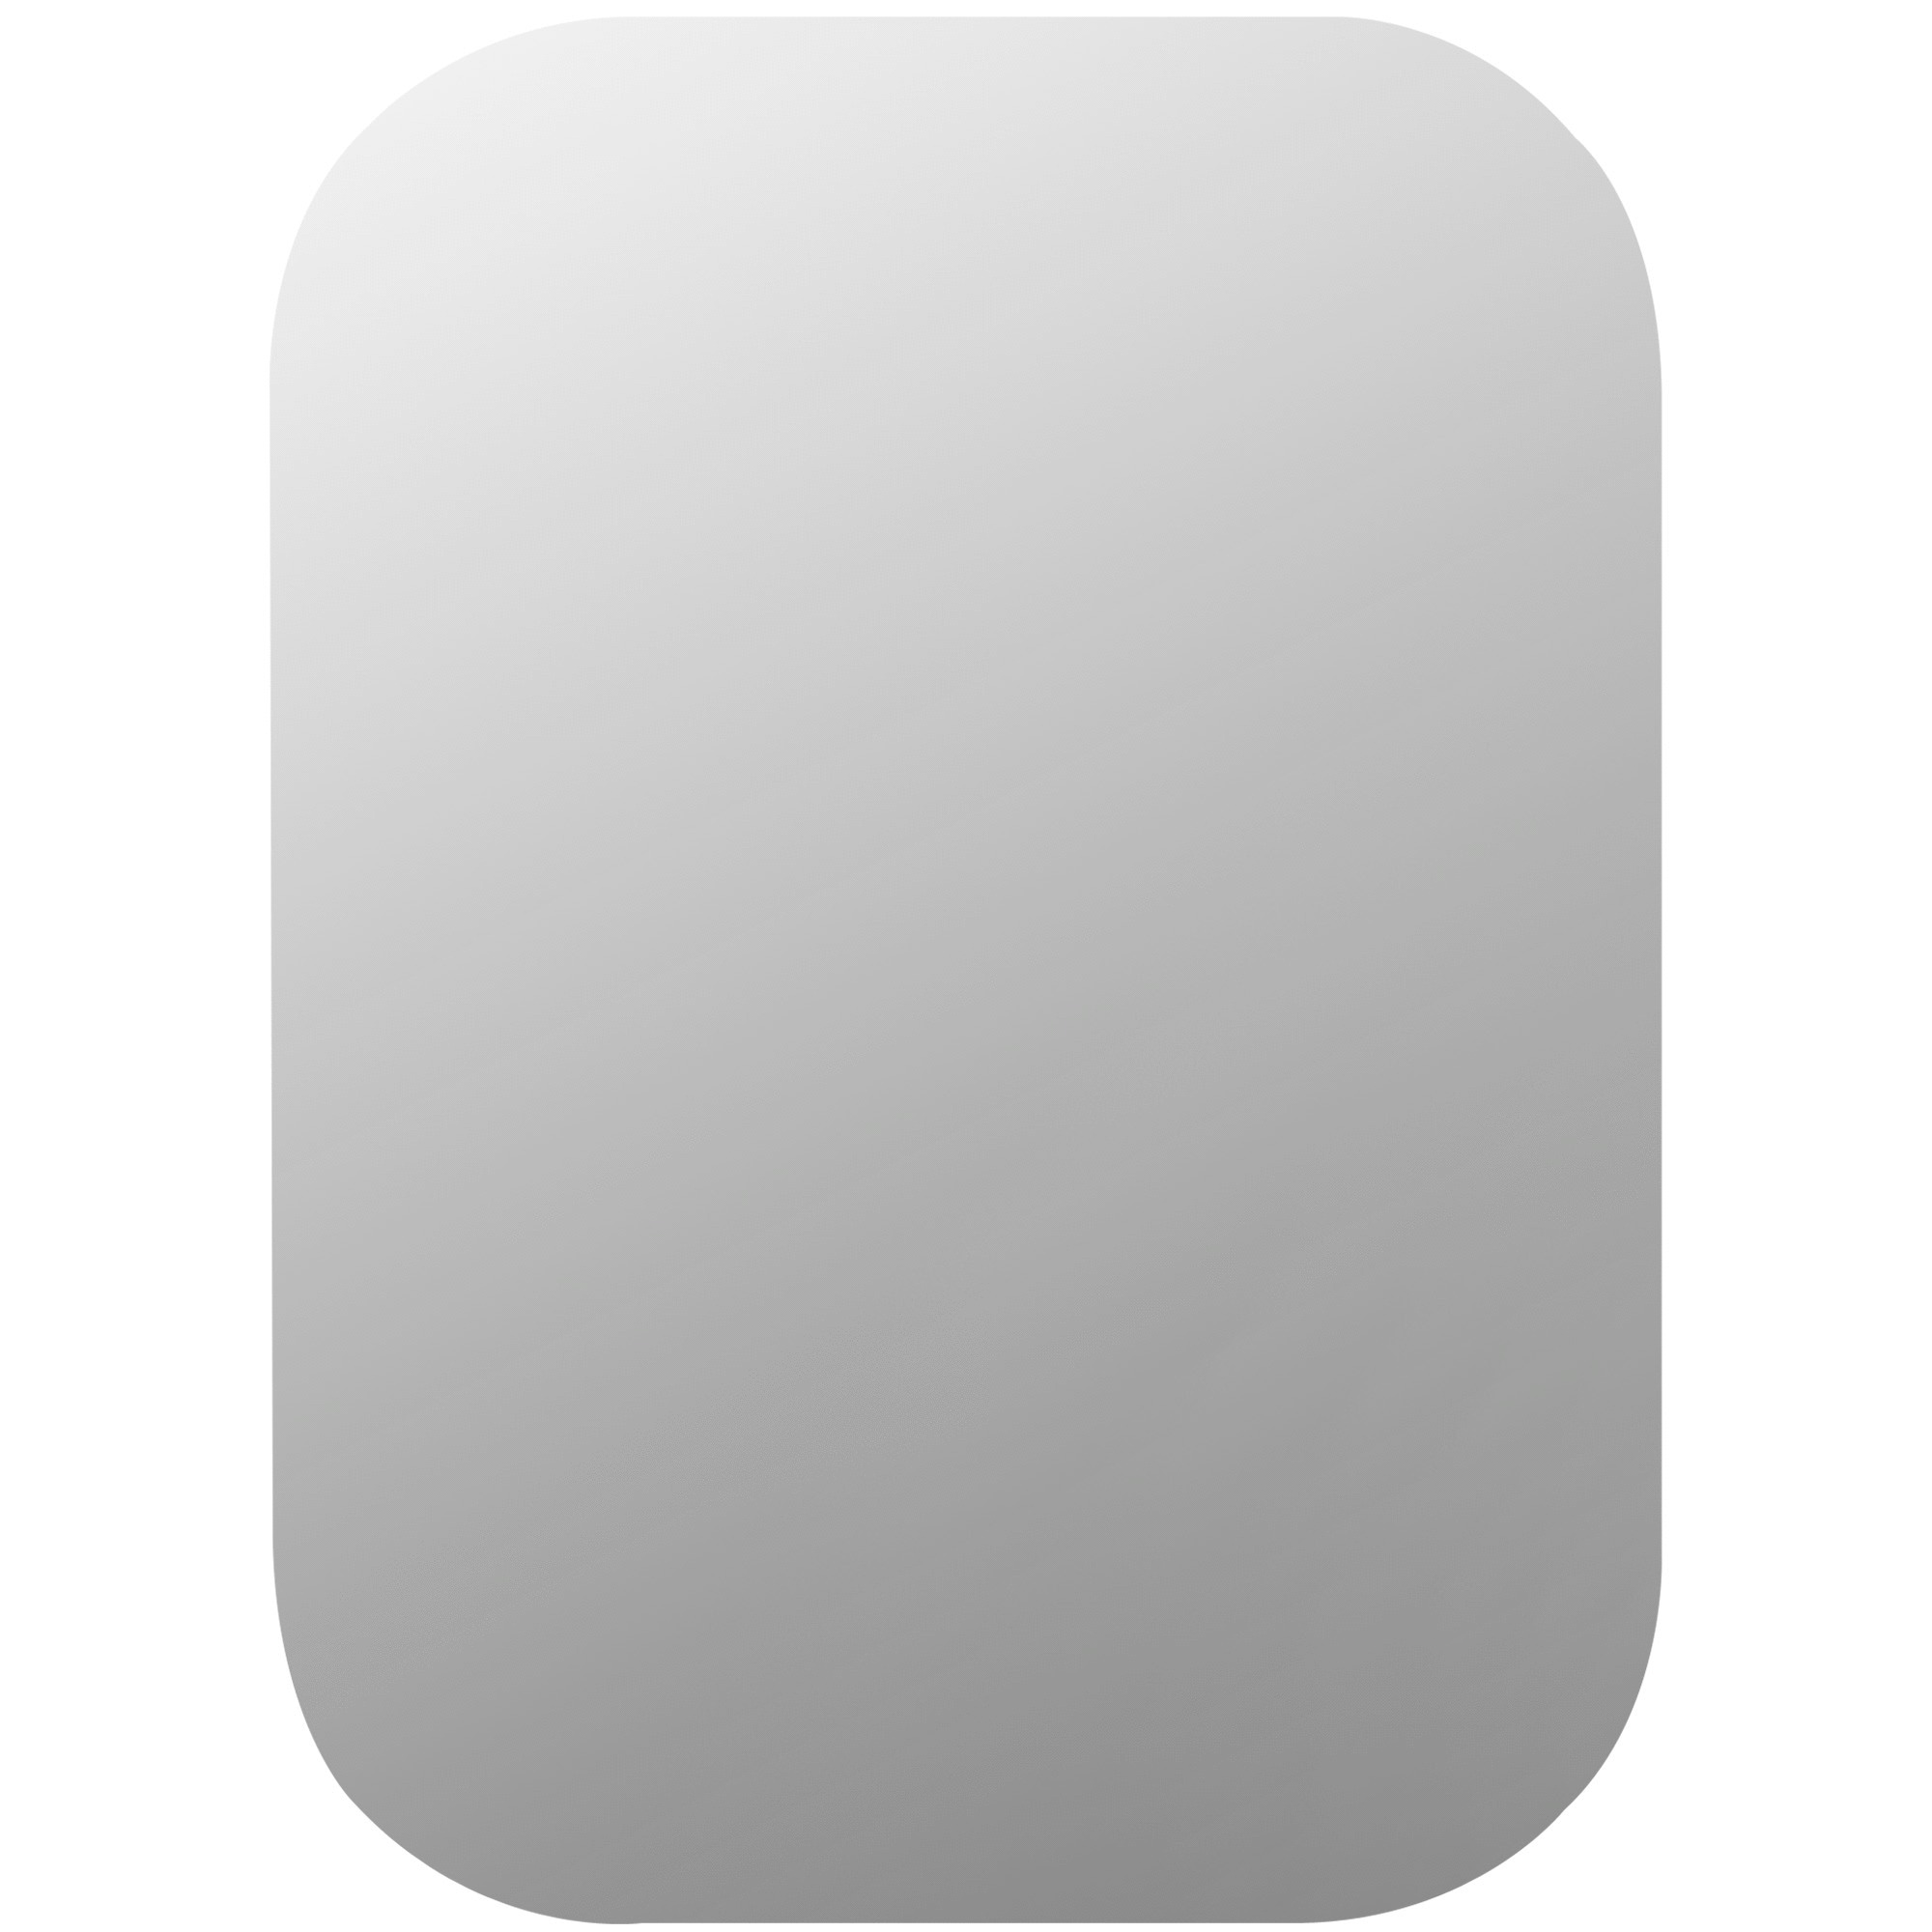 Plieger Basic spiegel zilver 55×40 cm   Spiegels   Badkamer   Sanitair   GAMMA